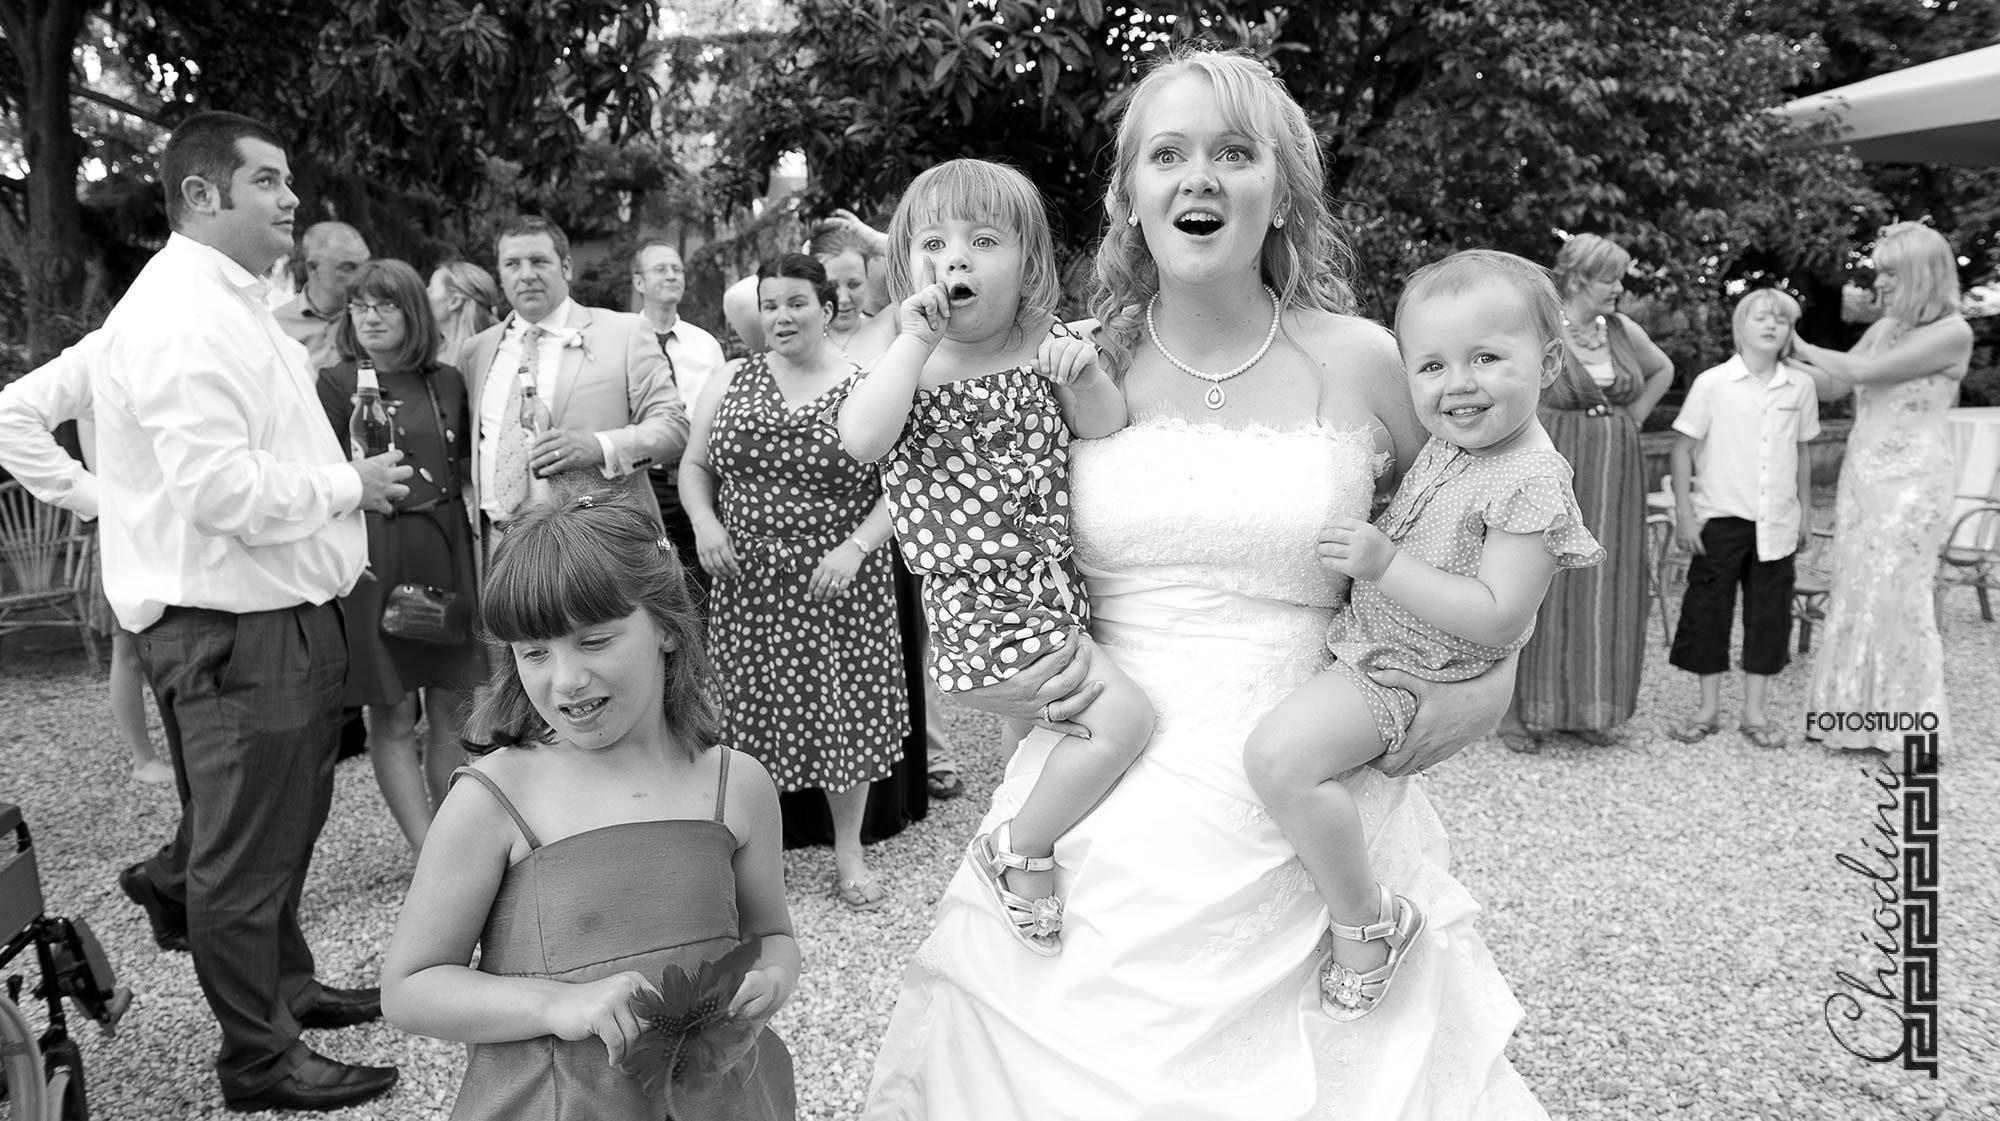 Reportage matrimonio Rebekah e Peter, valle dell'Arno, foto matrimoni Toscana